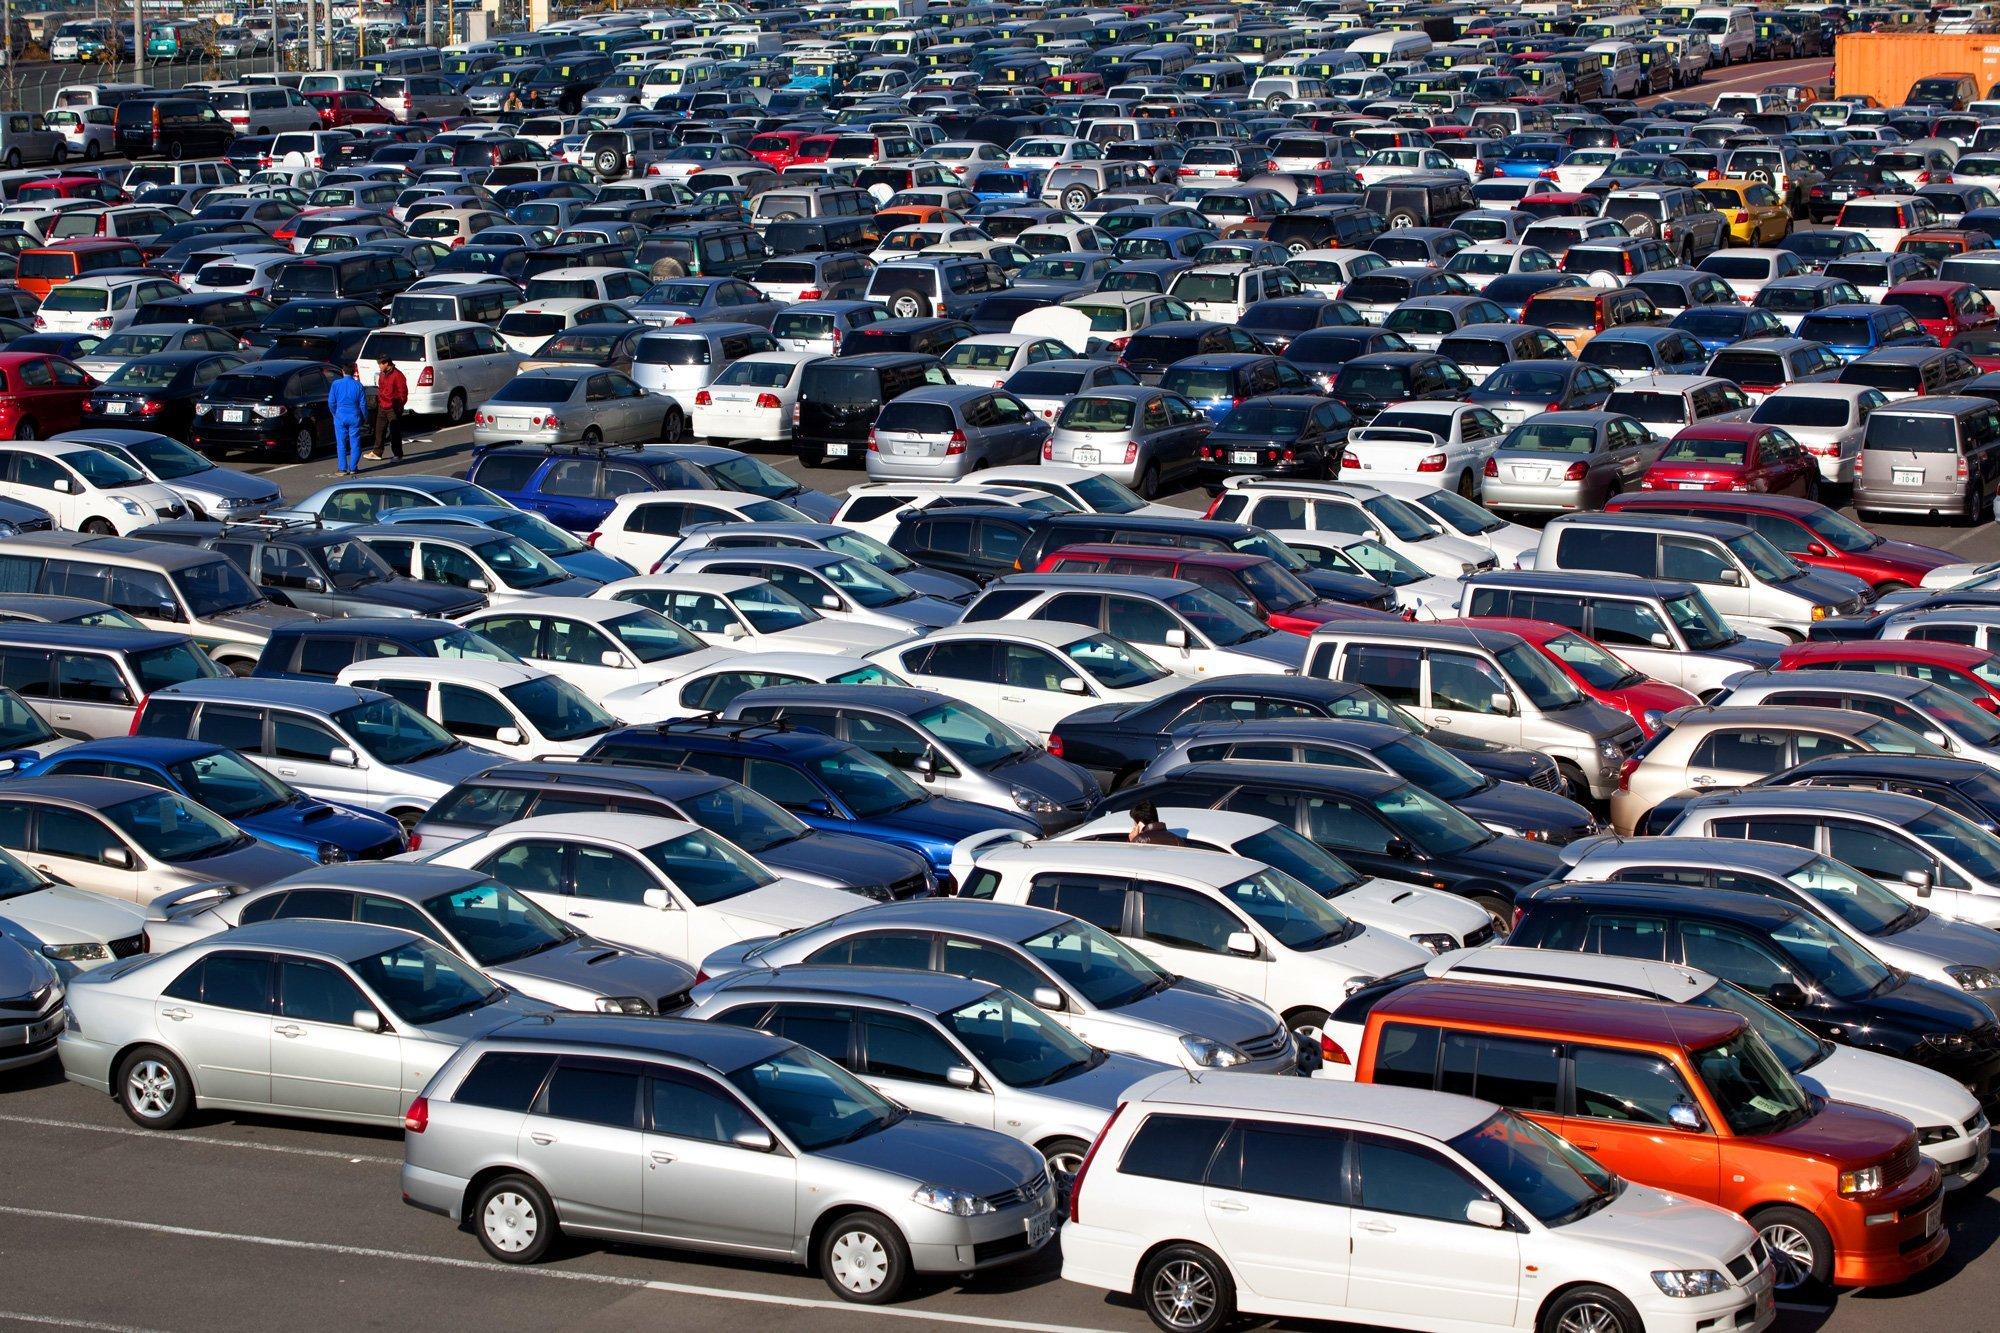 Автоэкспертами составлен список лучших подержанных автомобилей